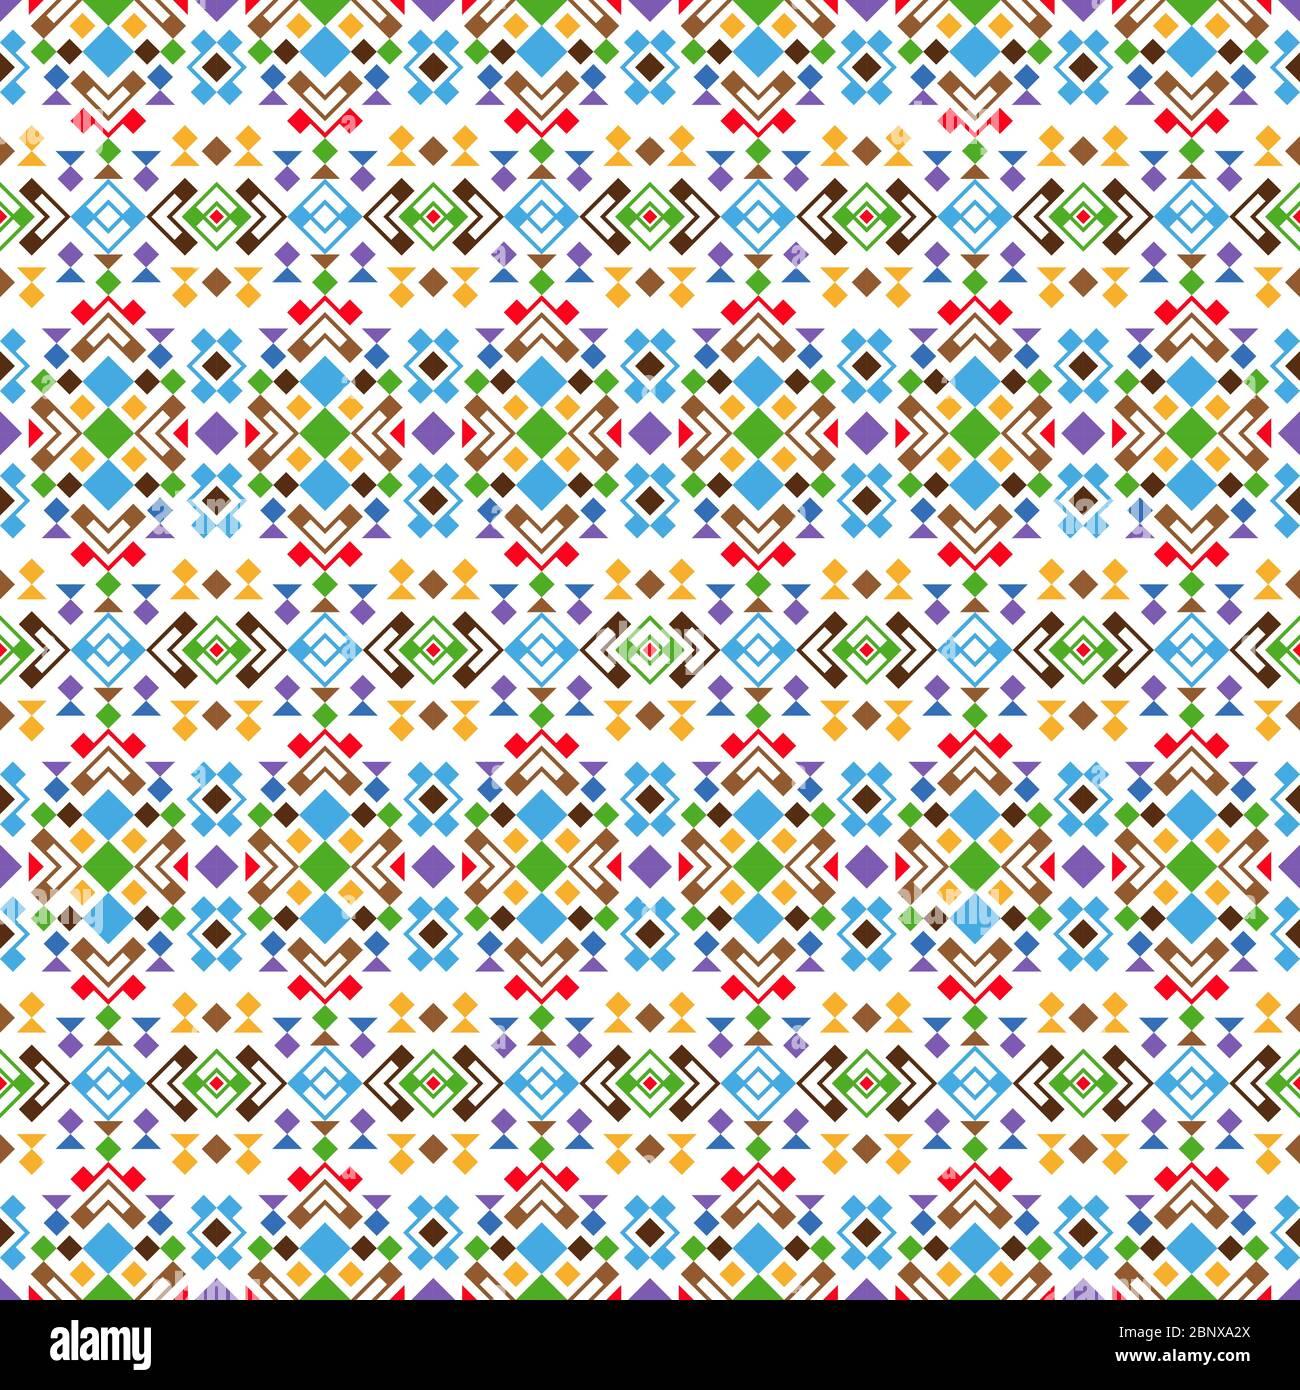 Motif géométrique moderne coloré sur fond blanc. Illustration vectorielle Illustration de Vecteur